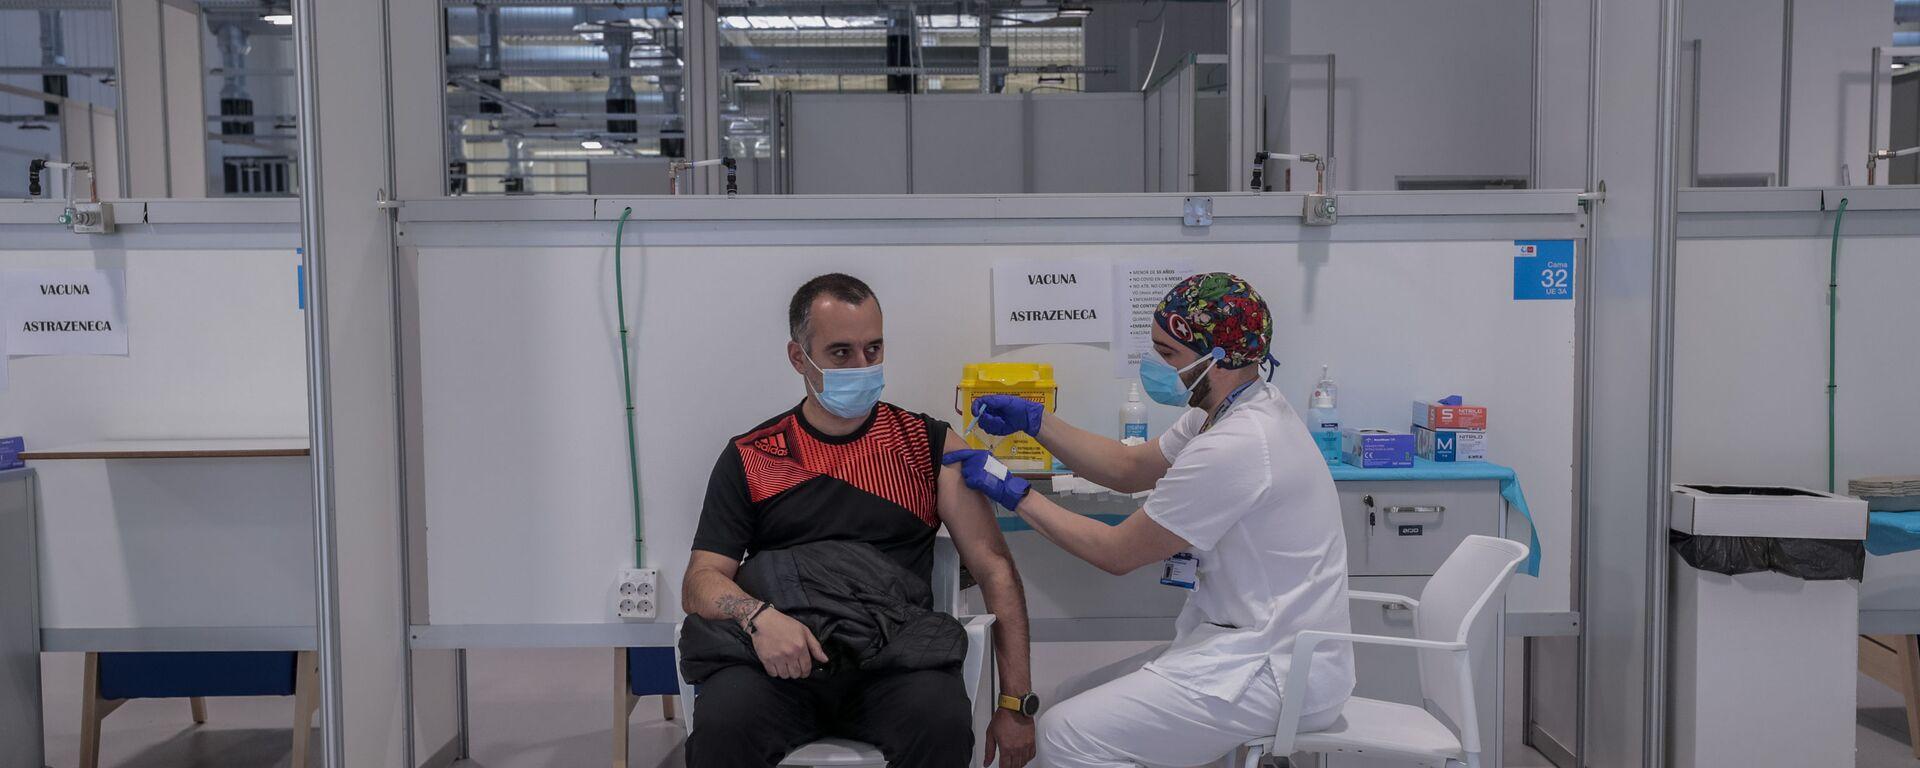 Mężczyzna otrzymuje szczepionkę AstraZeneca w szpitalu w Madrycie - Sputnik Polska, 1920, 23.03.2021